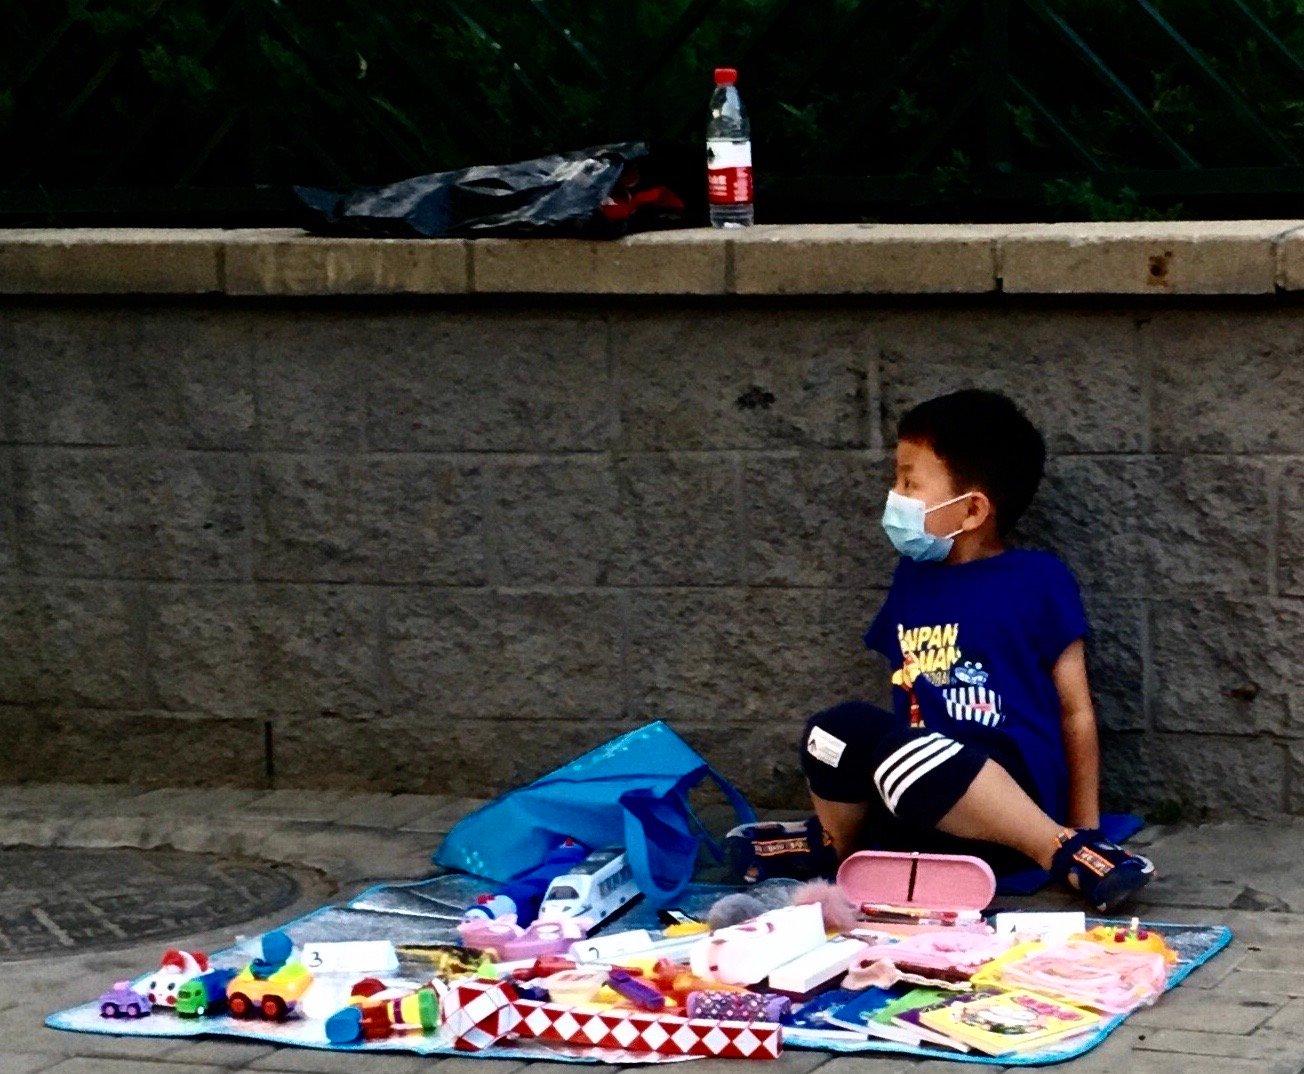 組圖:街頭為家 北京中共肺炎下的艱難民生